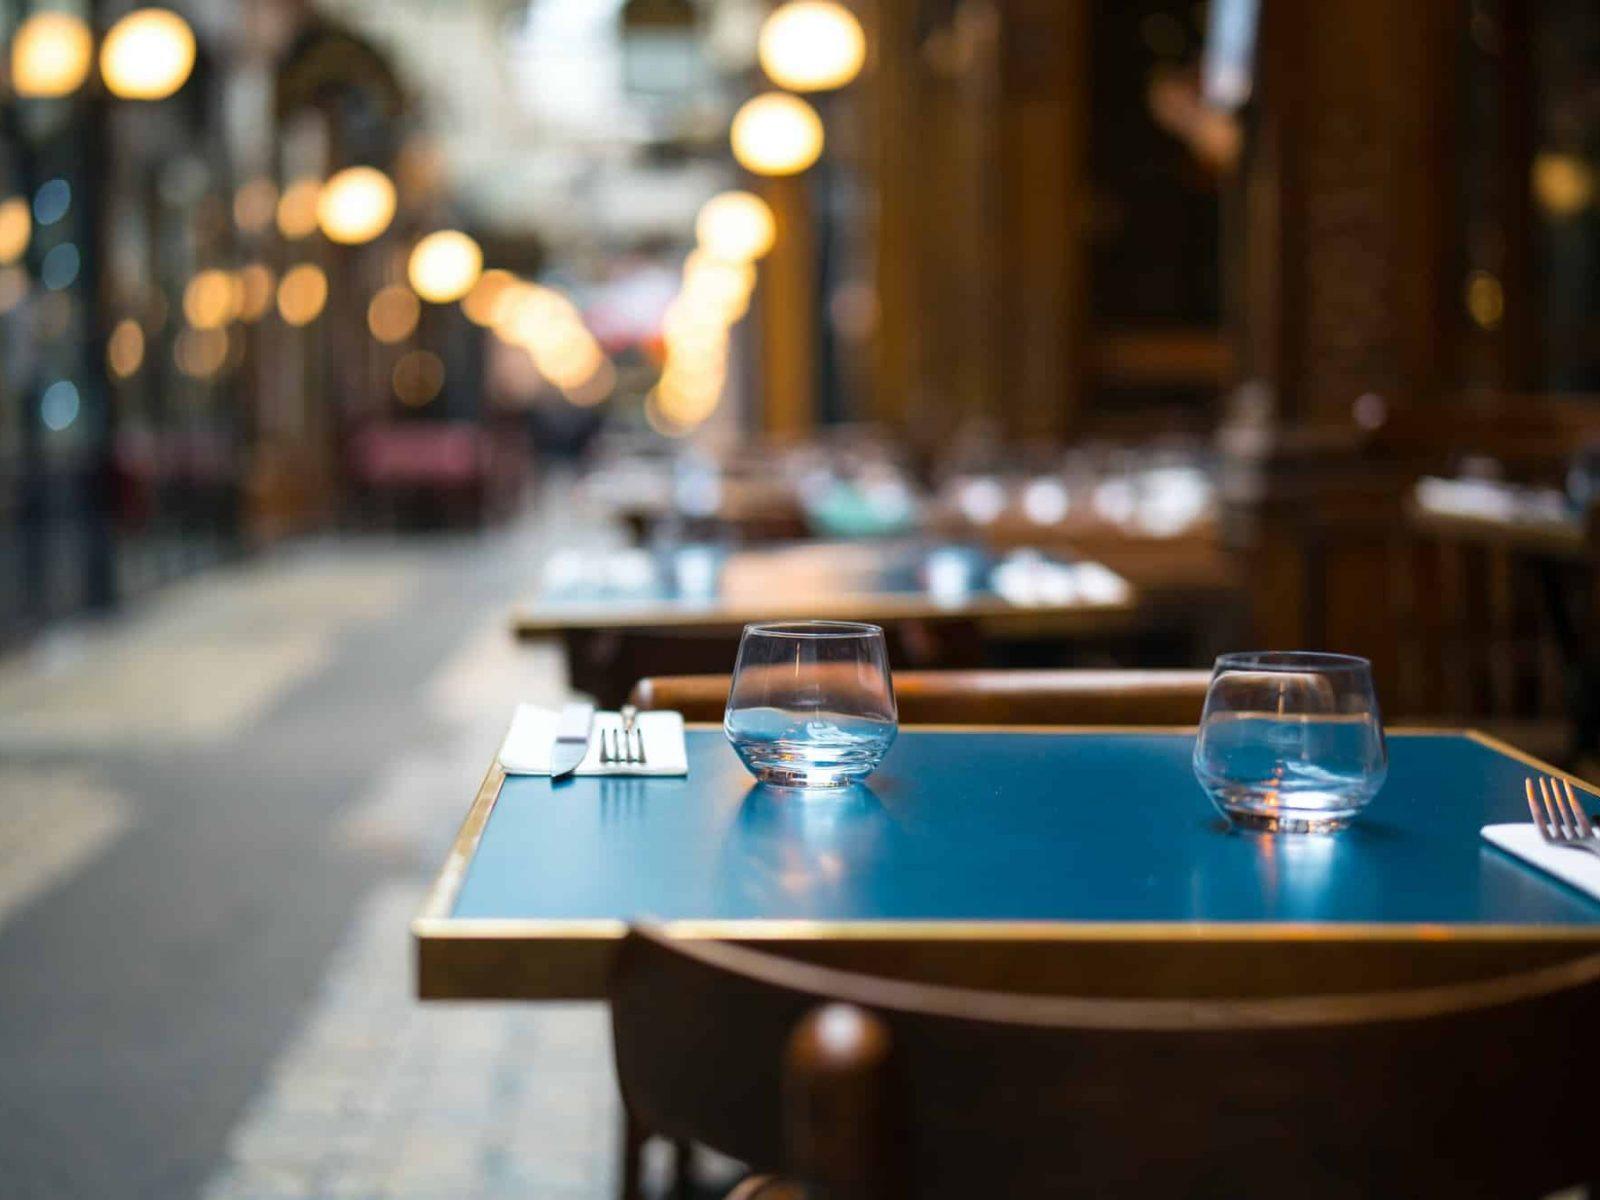 Vue sur une table dressée d'un restaurant en terrasse dans la rue.